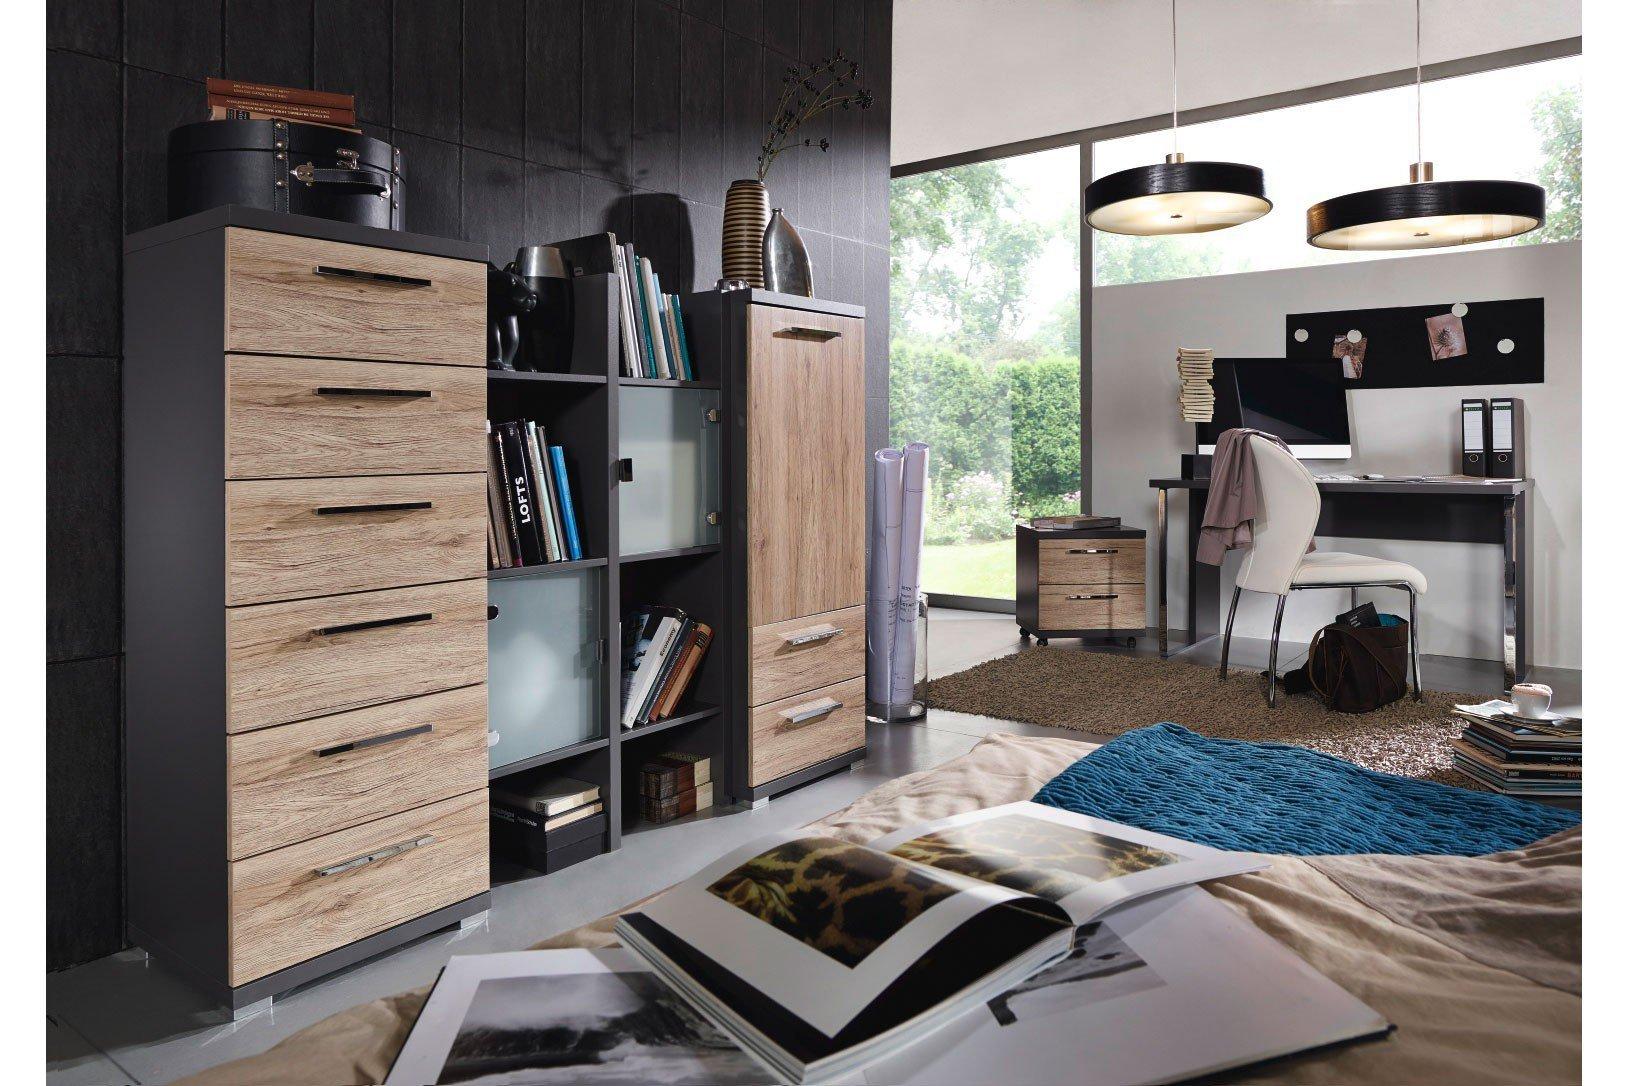 rauch wohnwand nice4home graphit eiche hell m bel letz ihr online shop. Black Bedroom Furniture Sets. Home Design Ideas